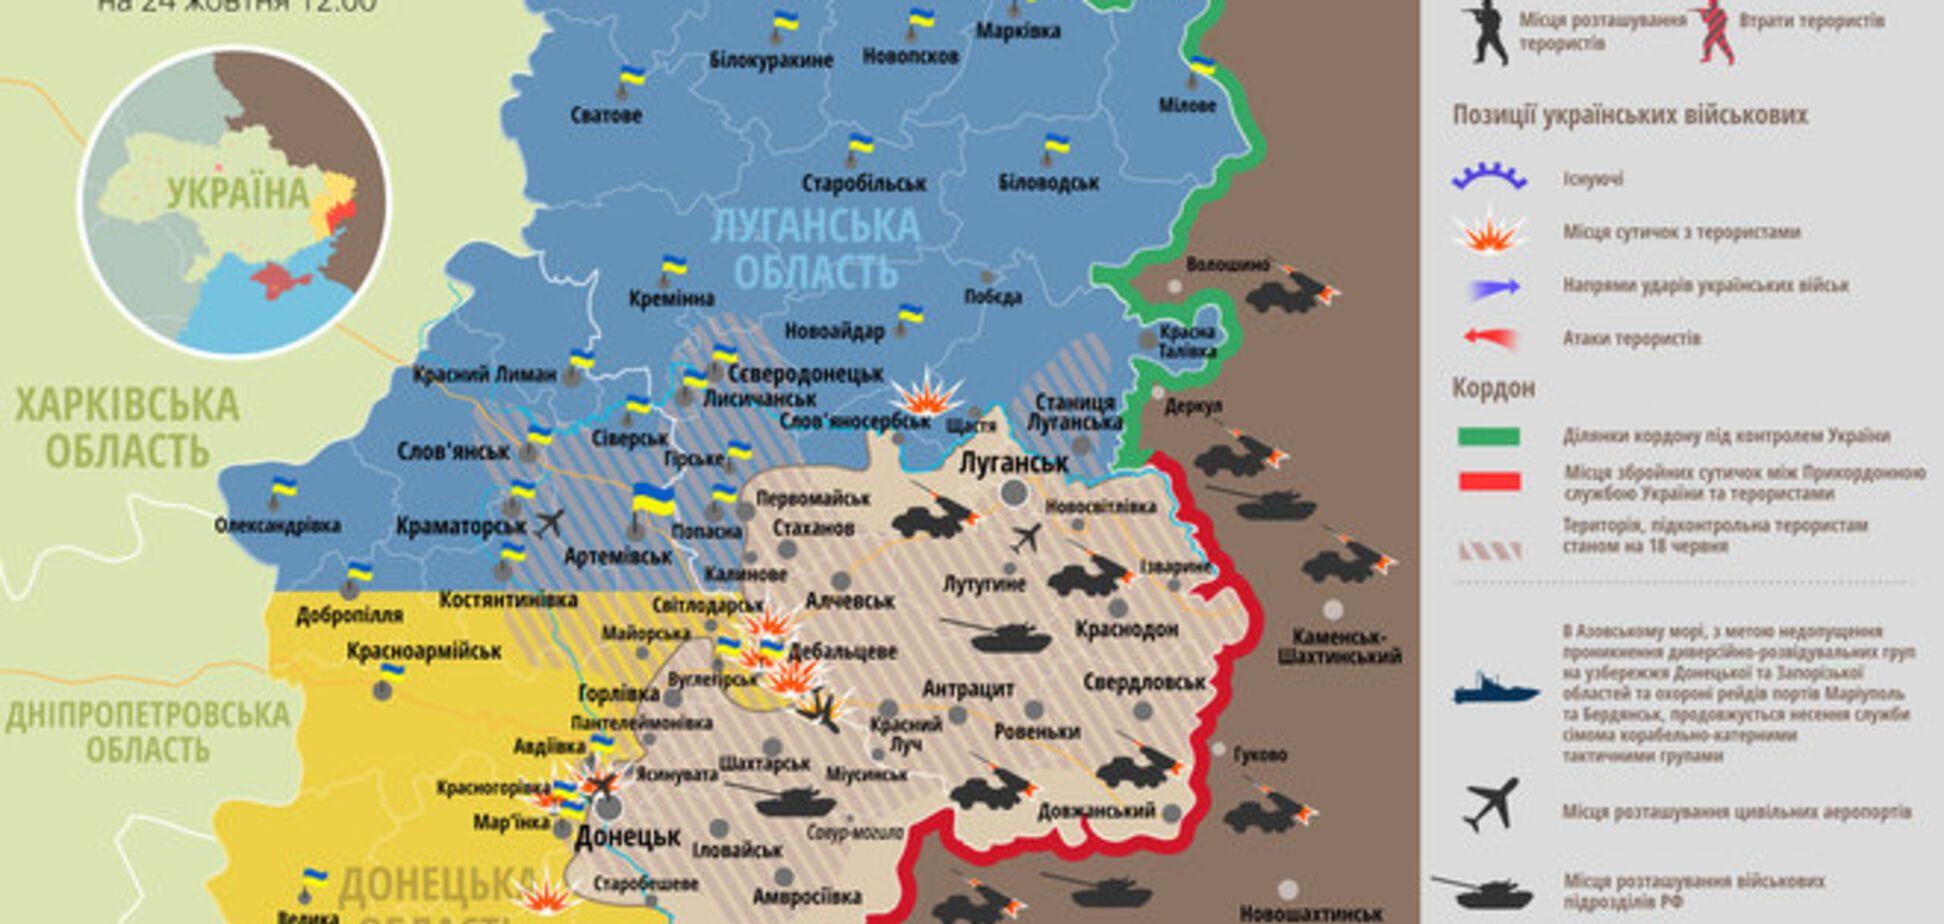 Террористы стали реже стрелять, а Россия усилила разведку на границе: карта АТО